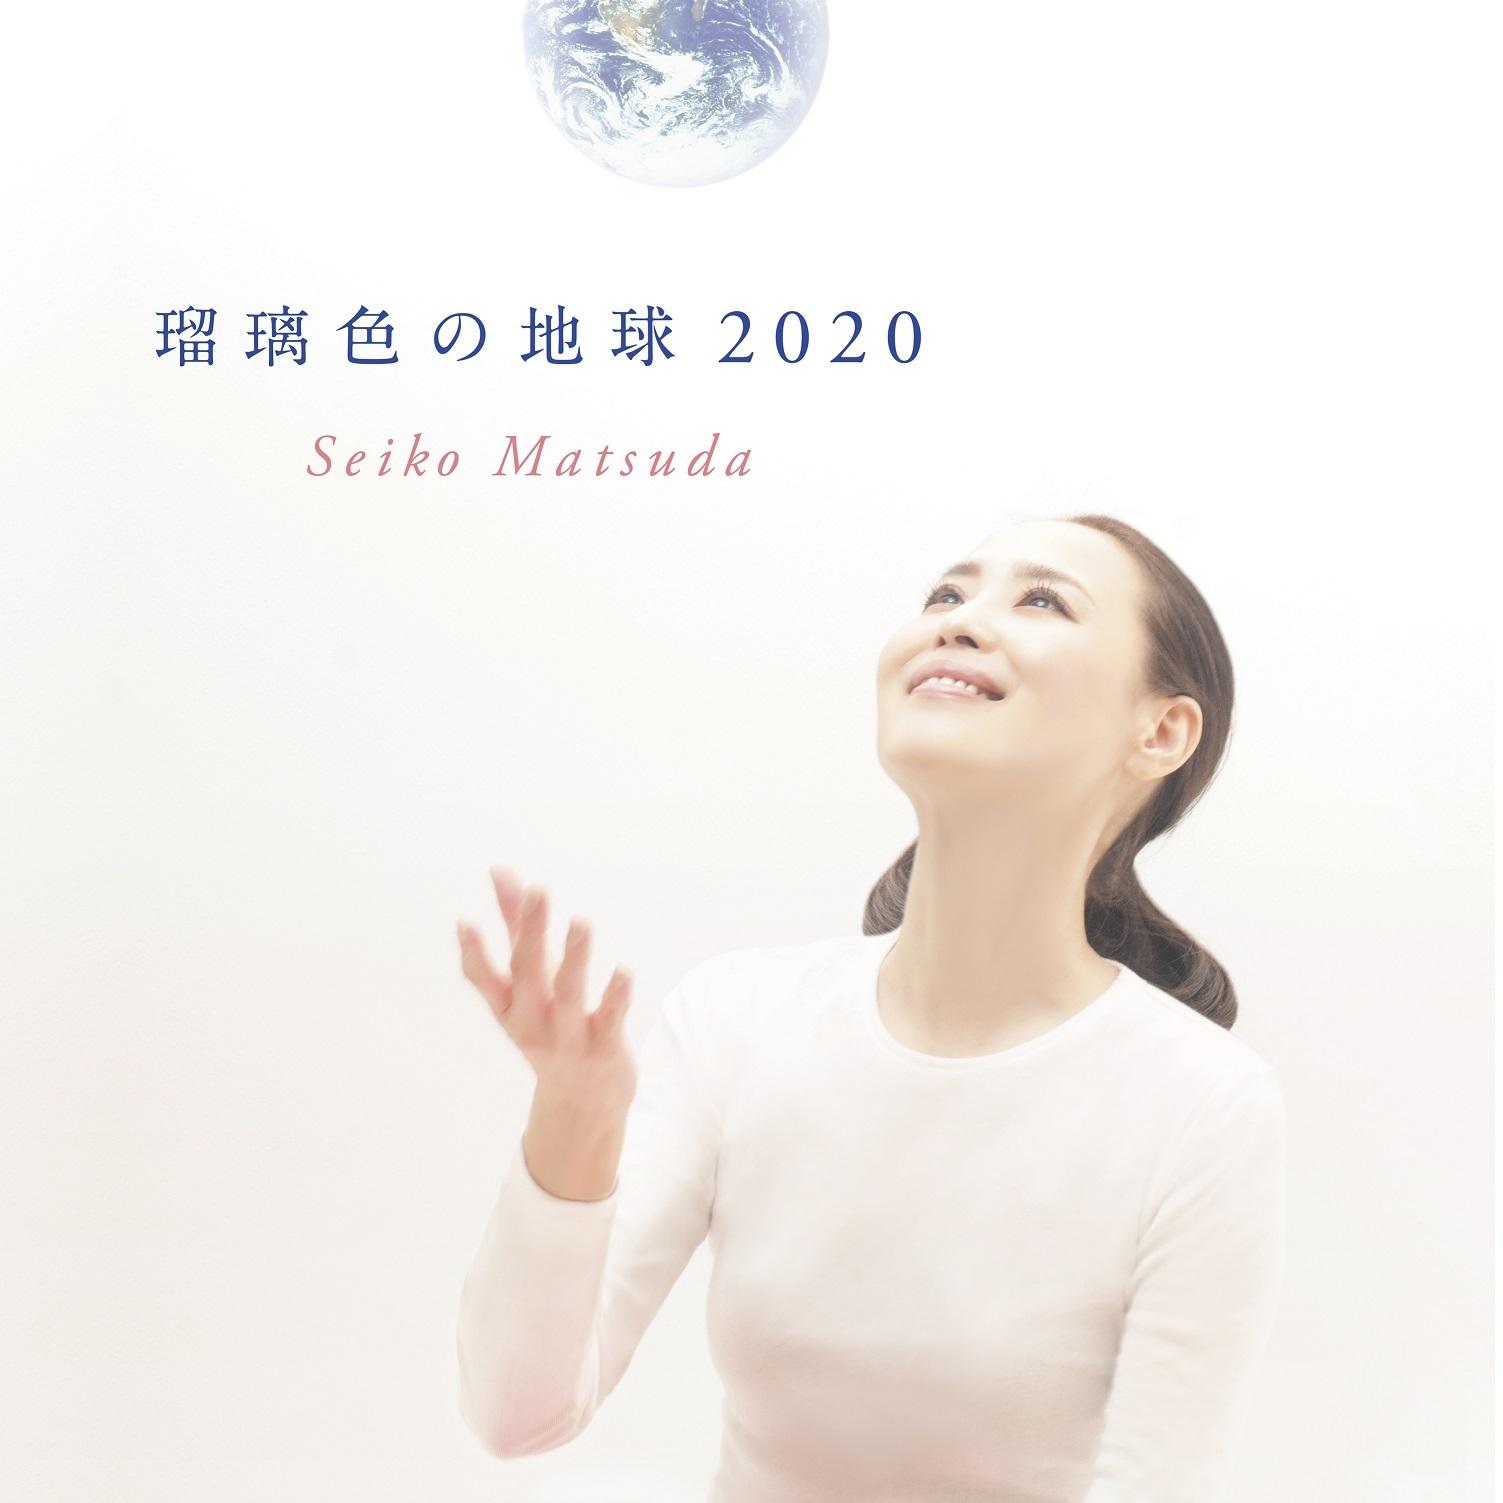 聖子 2020 松田 ライブ